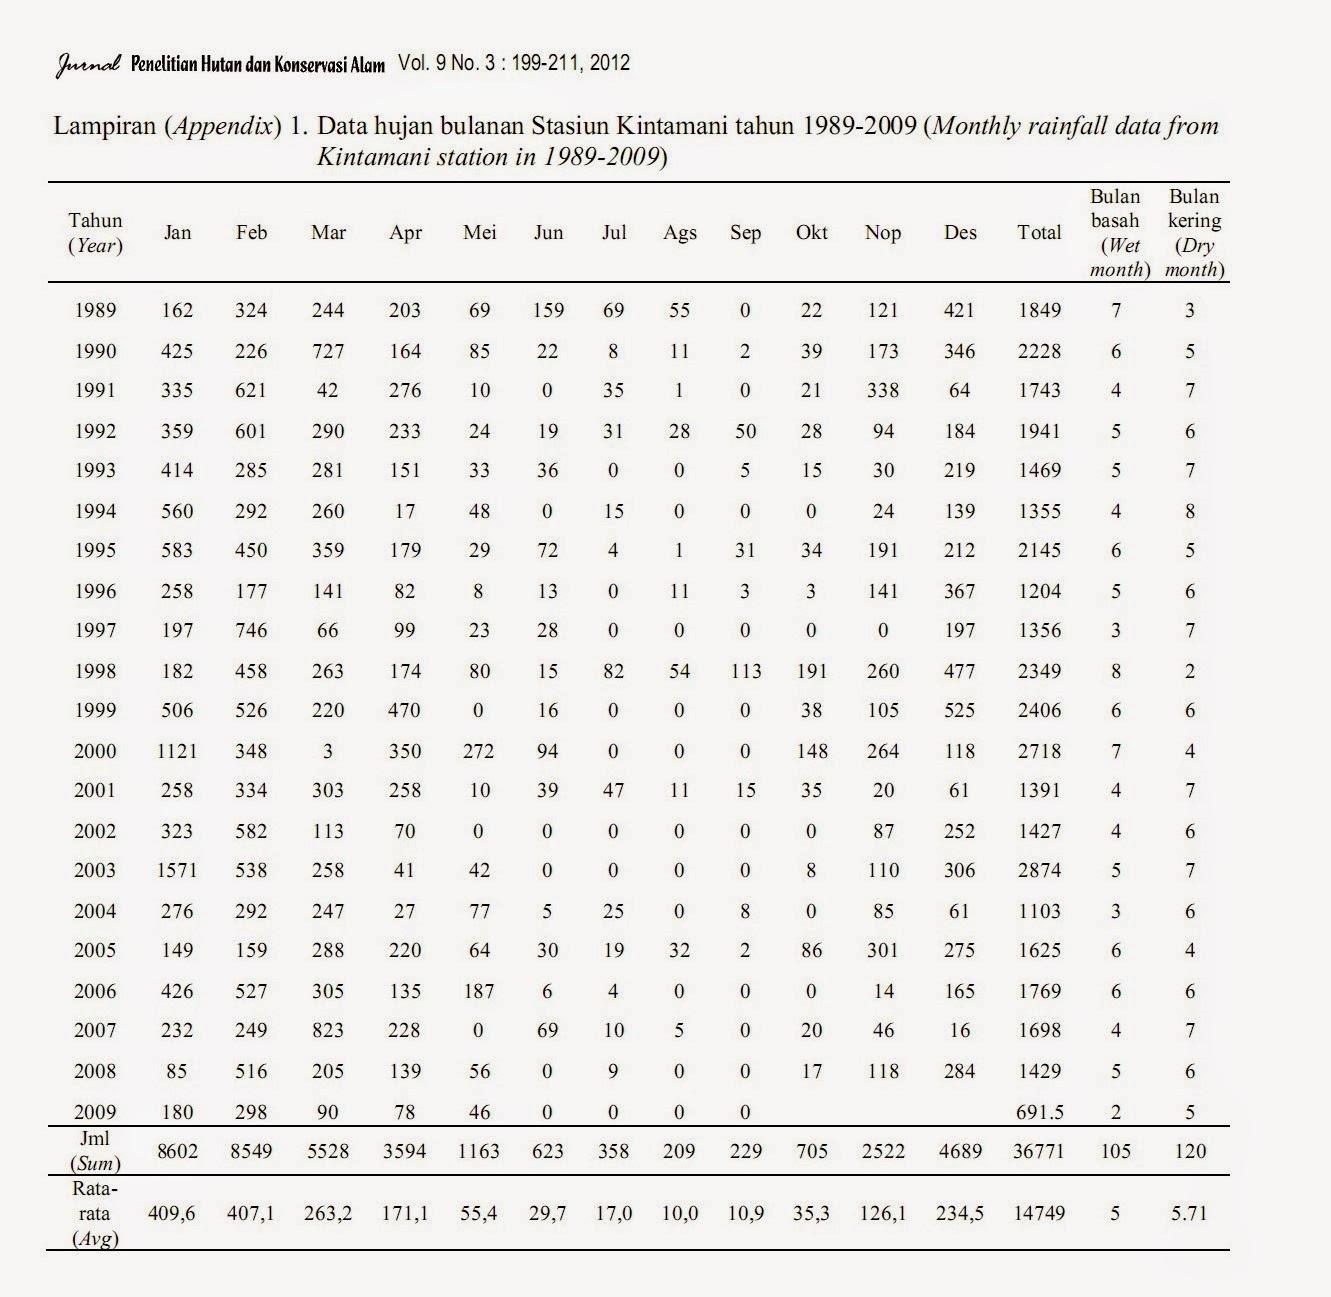 Sing Dadi Blog Data Hujan Bulanan Stasiun Kintamani Tahun 1989 2009